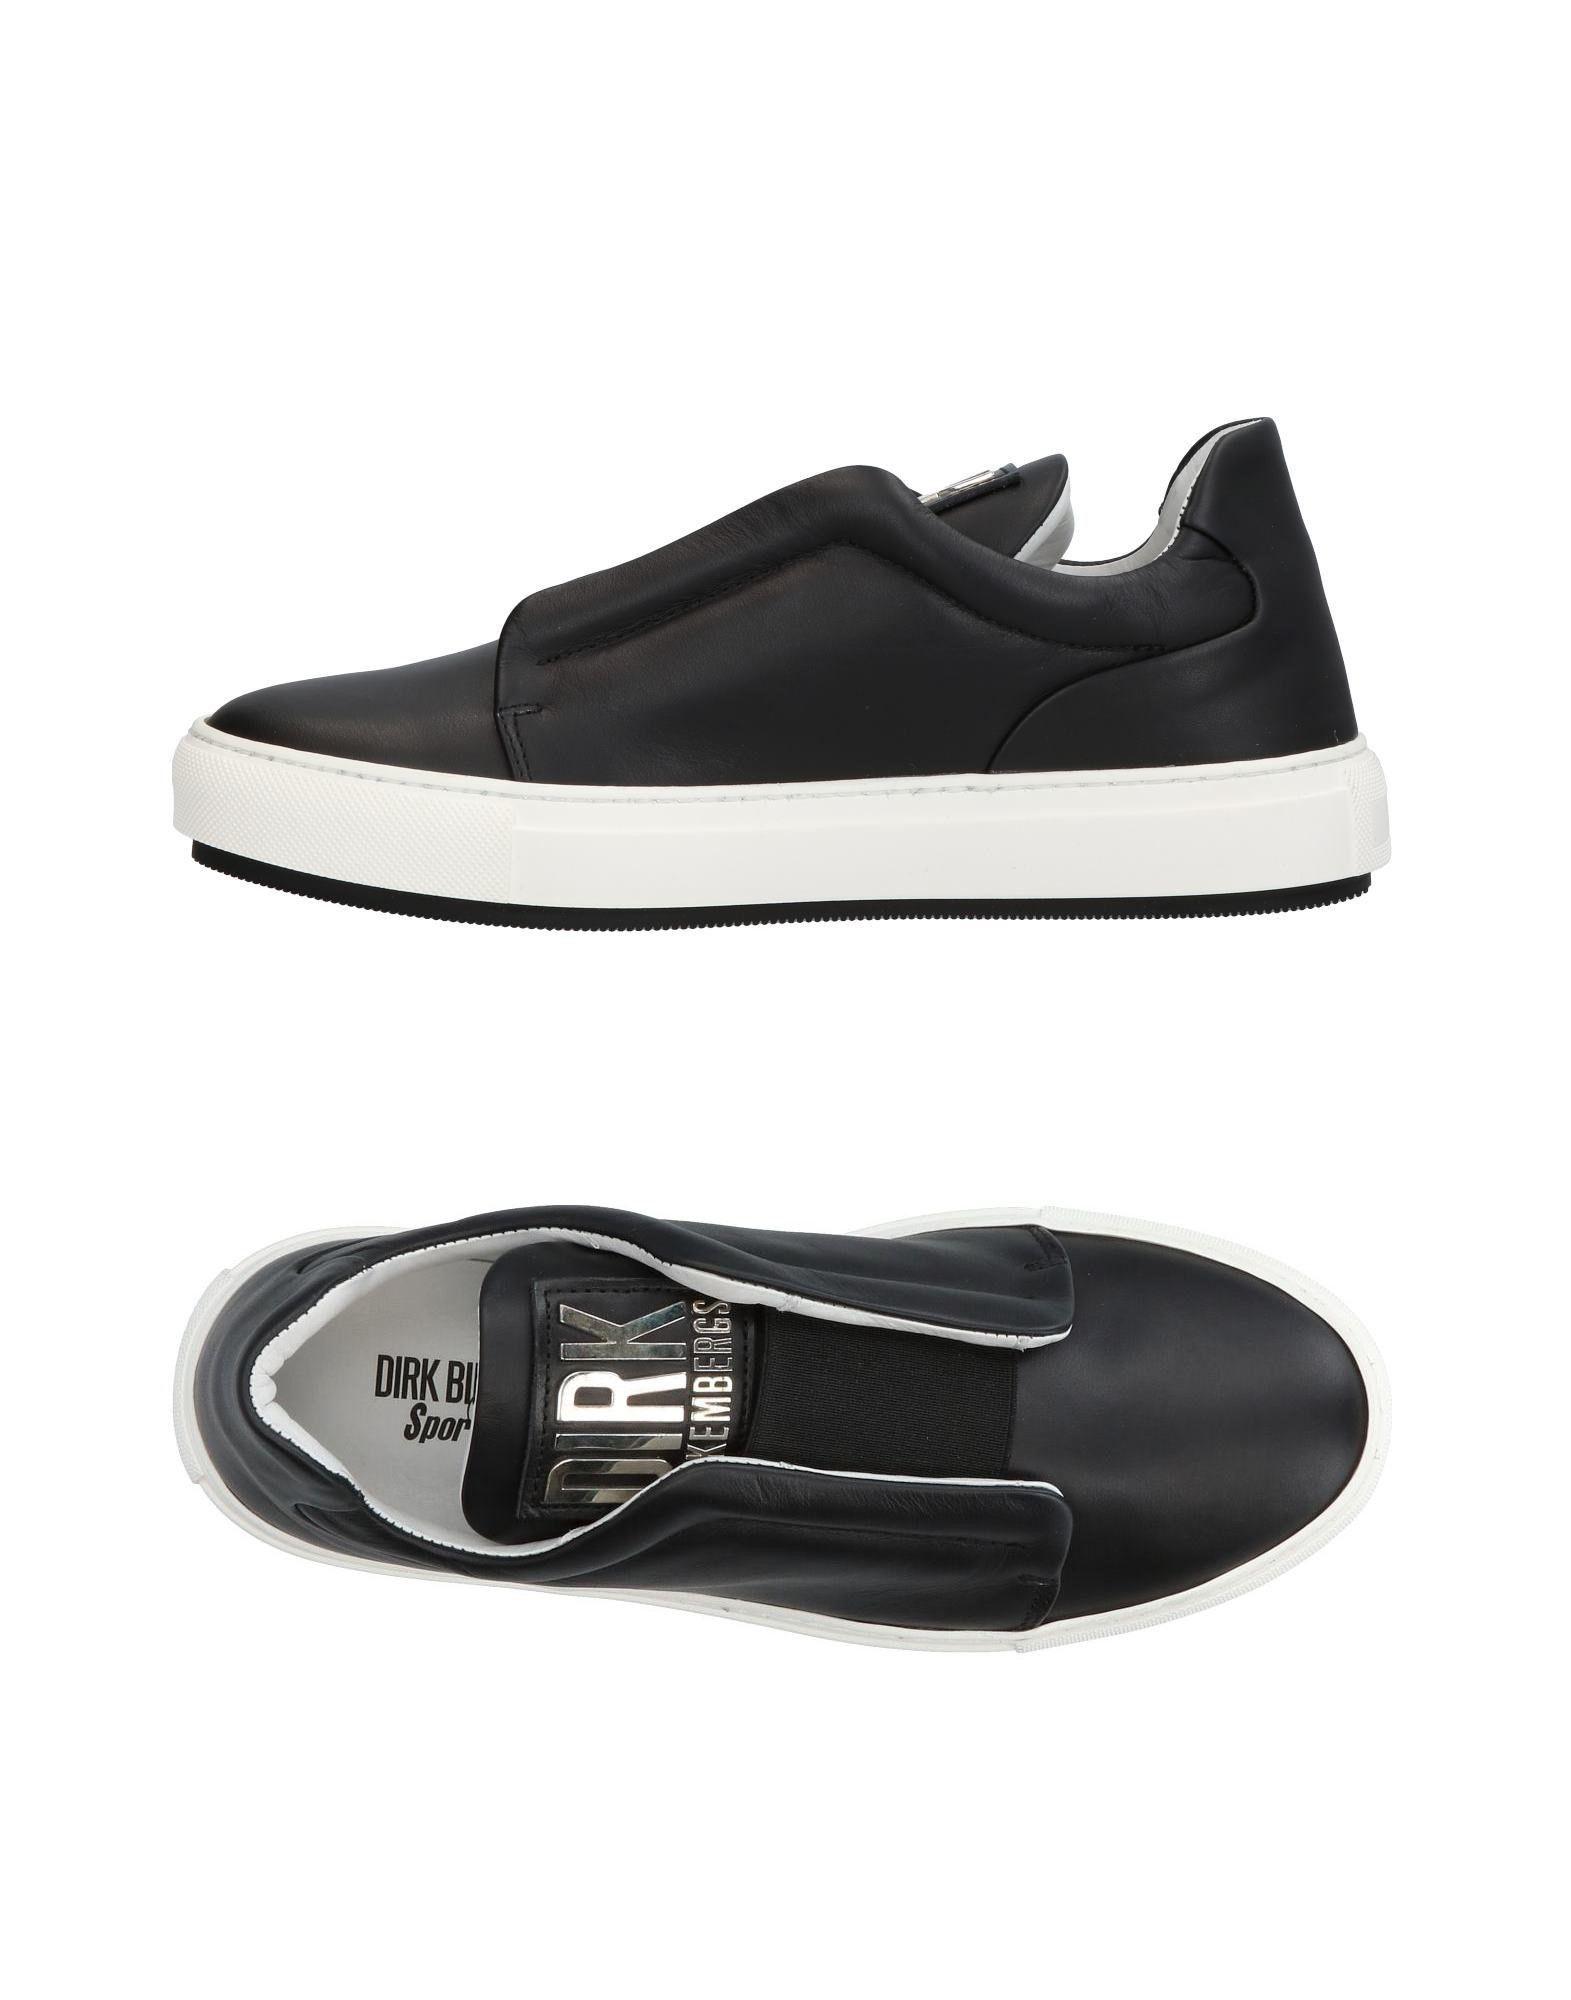 Sneakers Dirk Dirk Sneakers Bikkembergs Donna - 11332537VR 6bc455